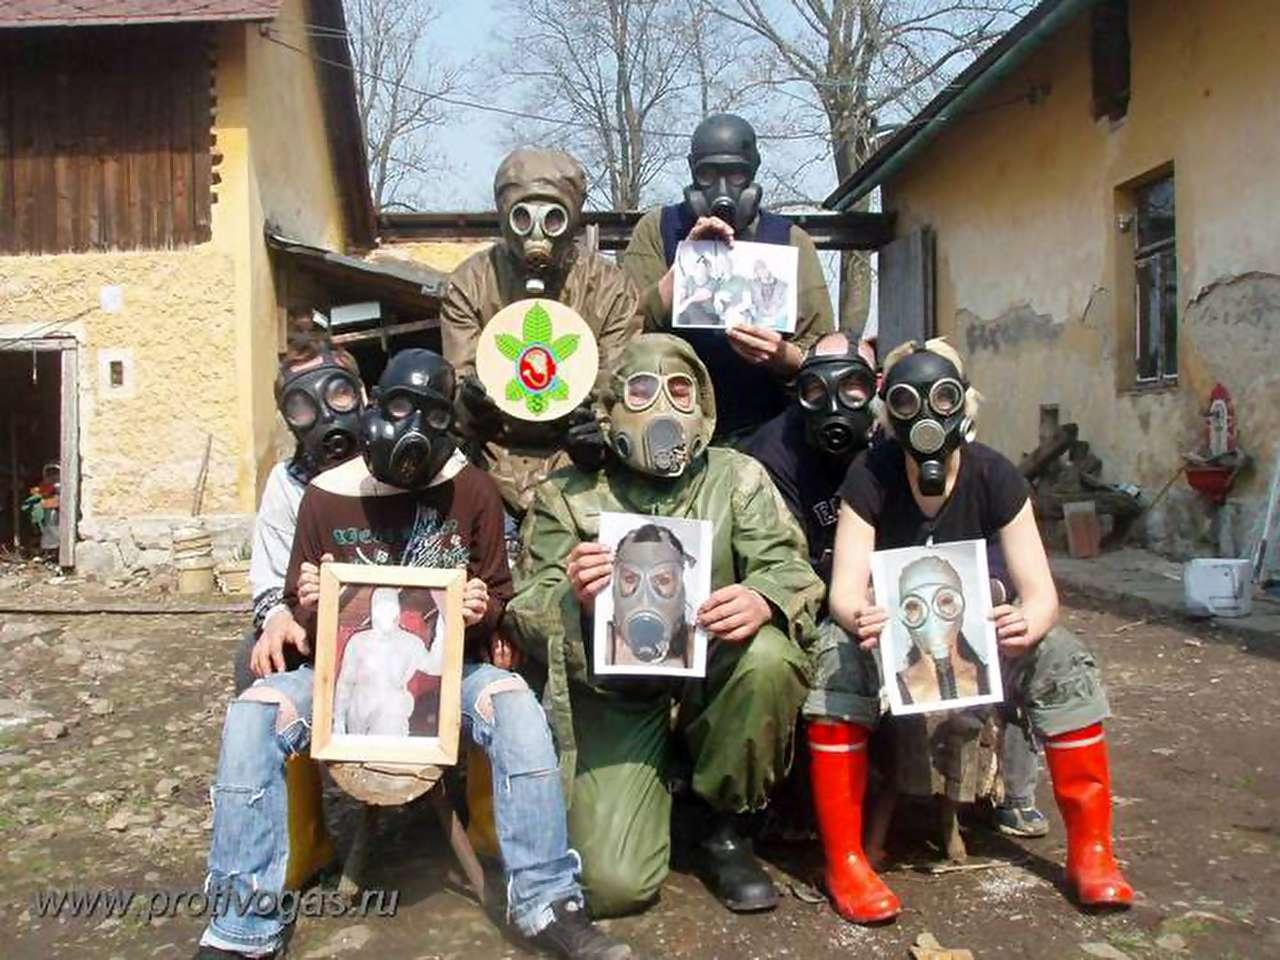 Фотографии людей в противогазах и костюмах химзащиты